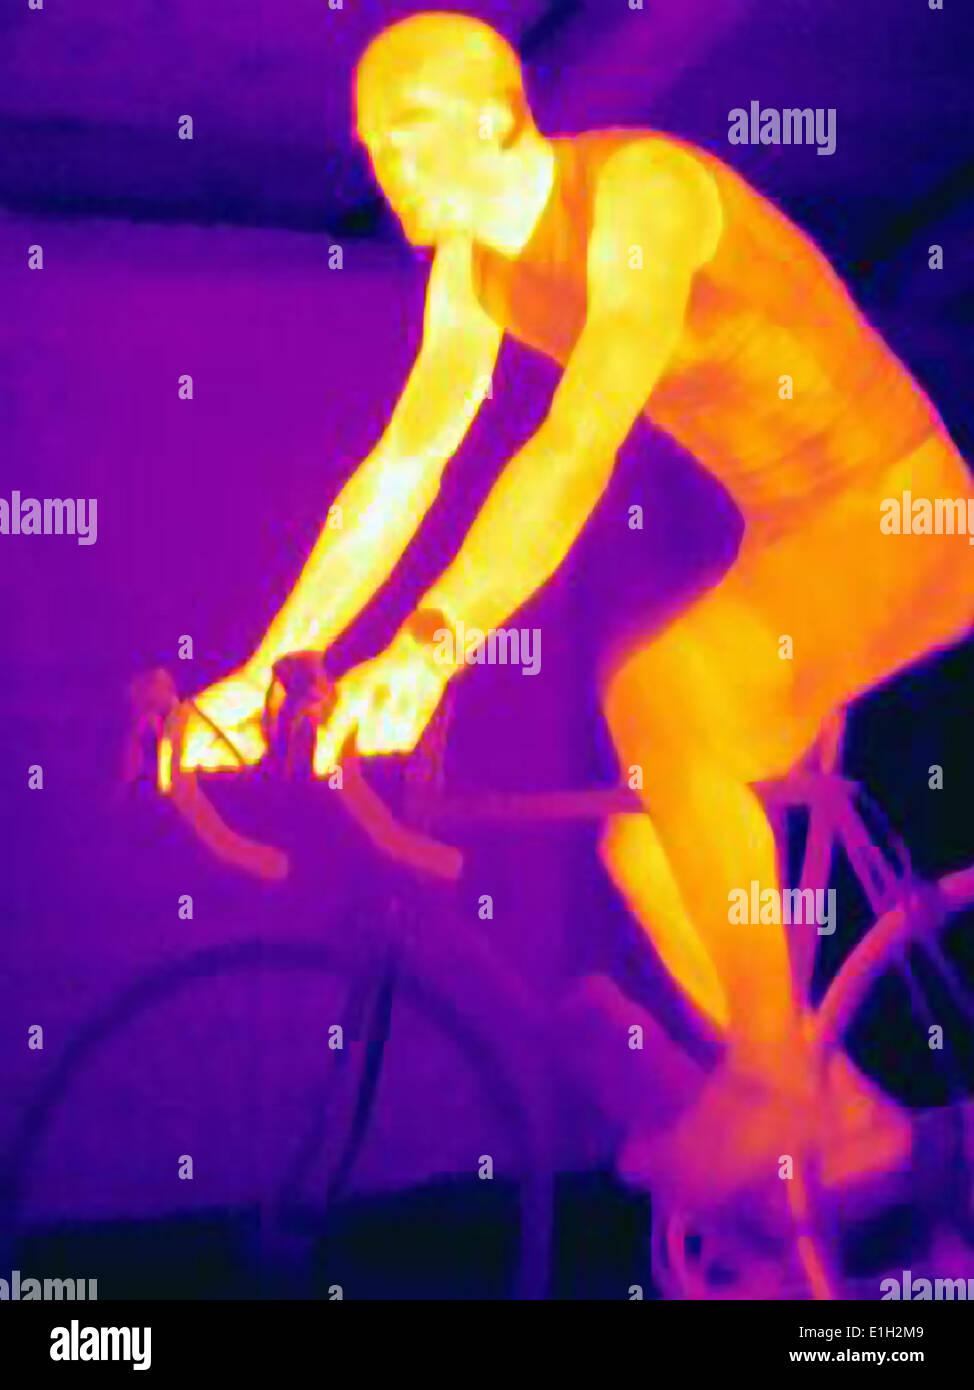 Imagen térmica de macho joven ciclista en formación, mostrando el calor de los músculos y de los neumáticos de bicicletas Imagen De Stock